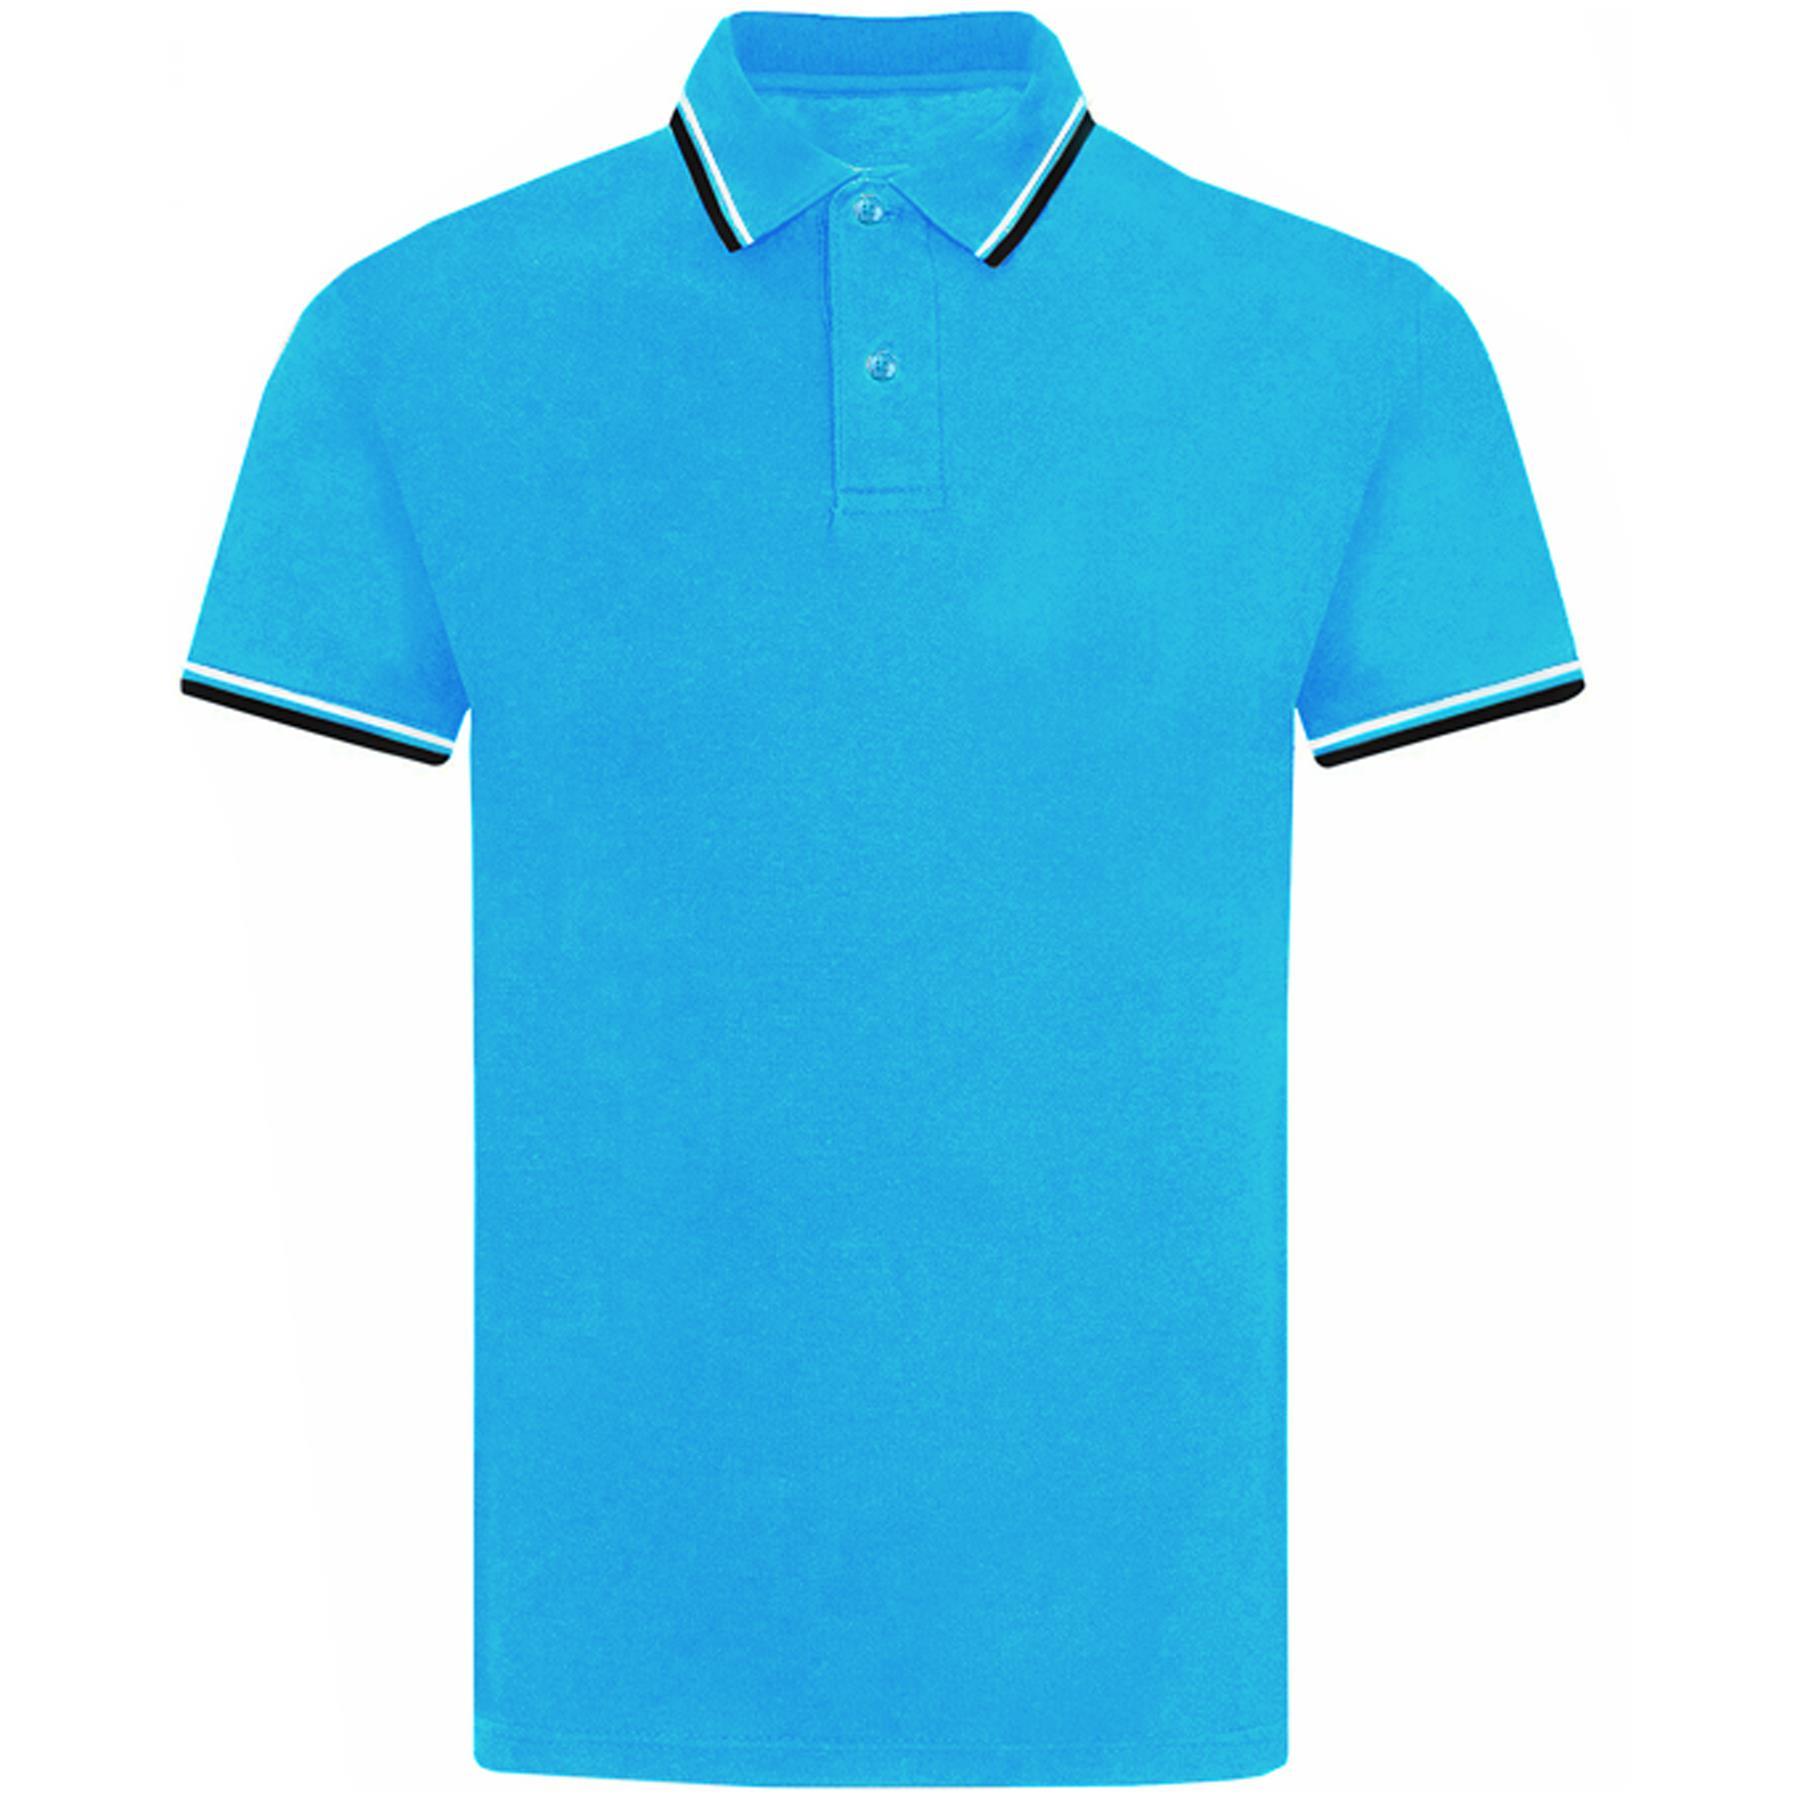 Indexbild 71 - Herren Polohemd Freizeit T-Shirts Neu Schlicht Kurzärmeliges Regular Fit